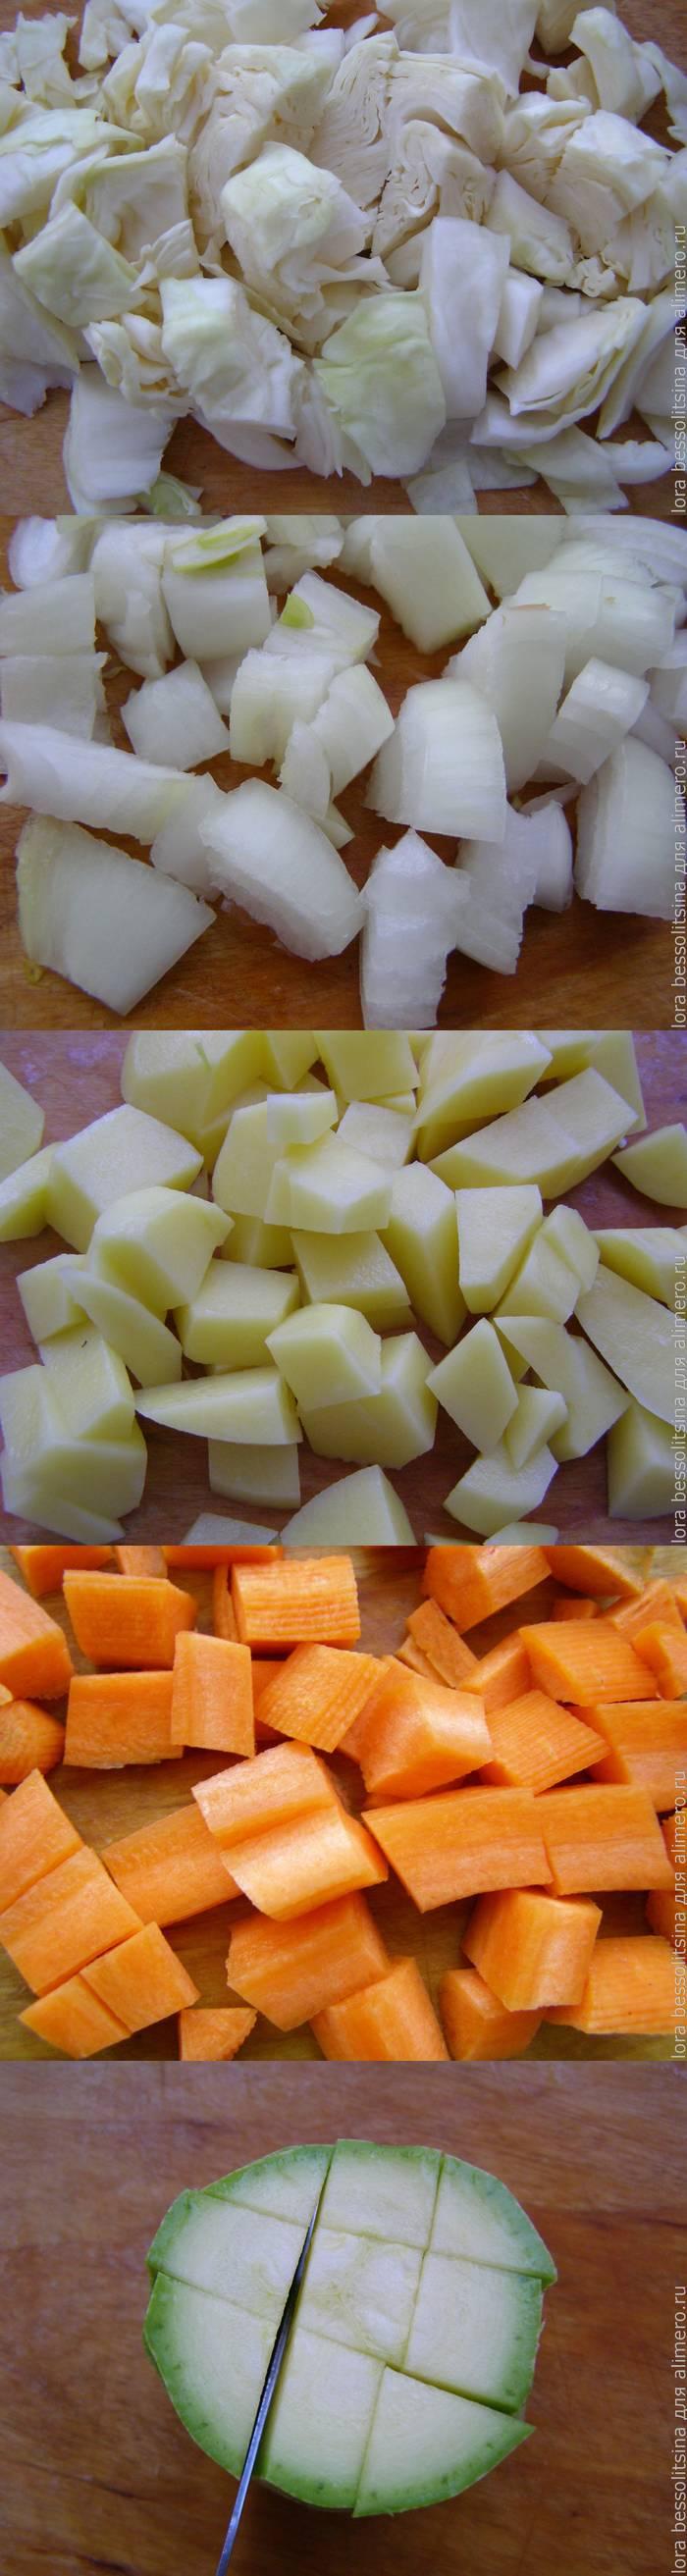 Сочное овощное рагу в мультиварке